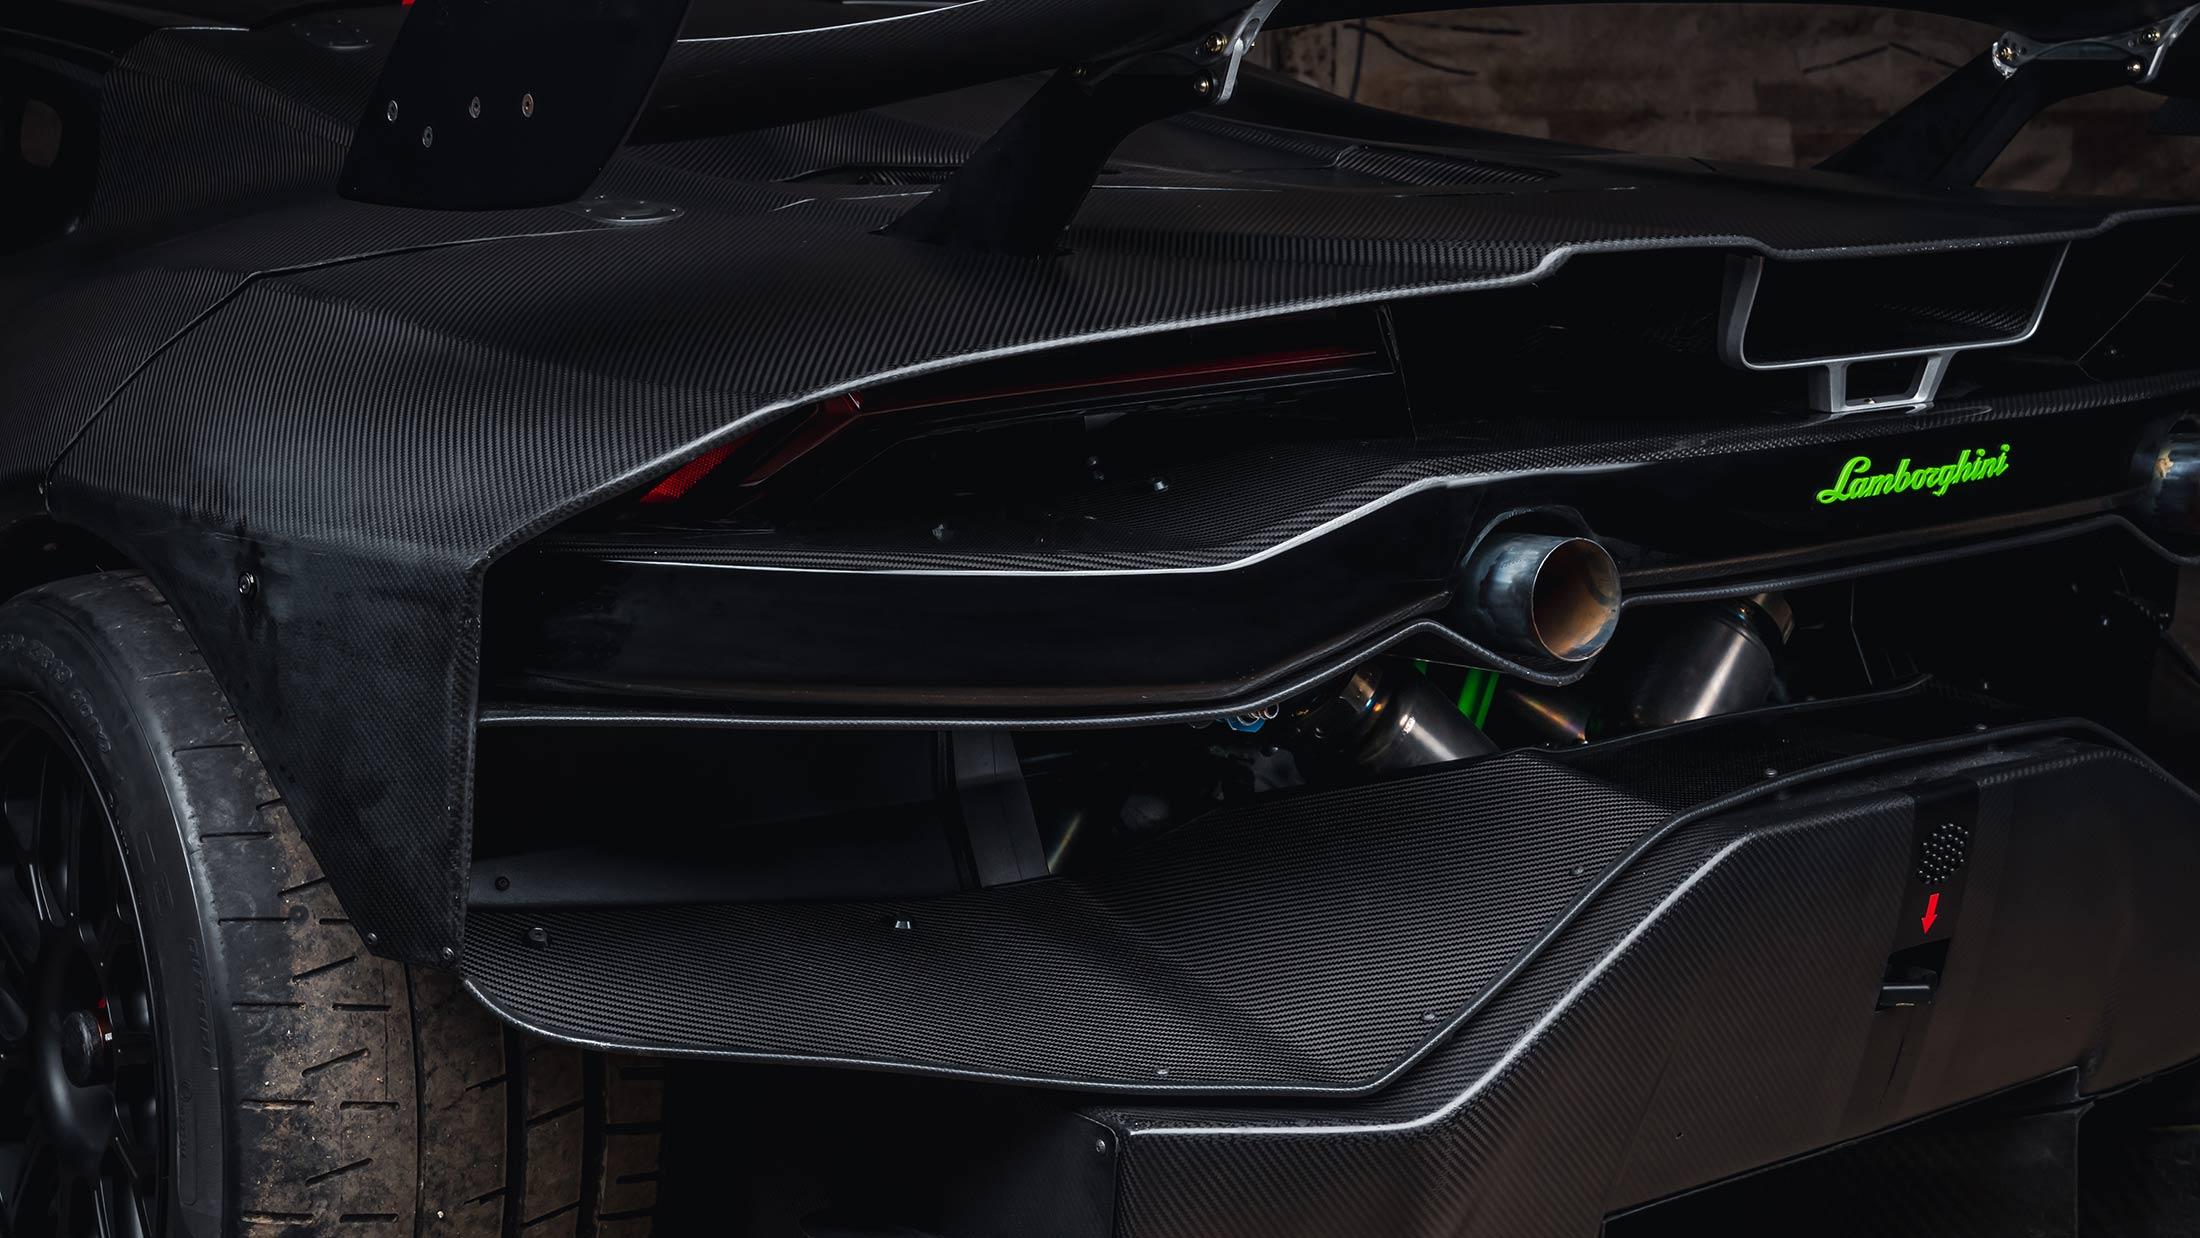 Zyrus LP1200 - 2020 - rear view